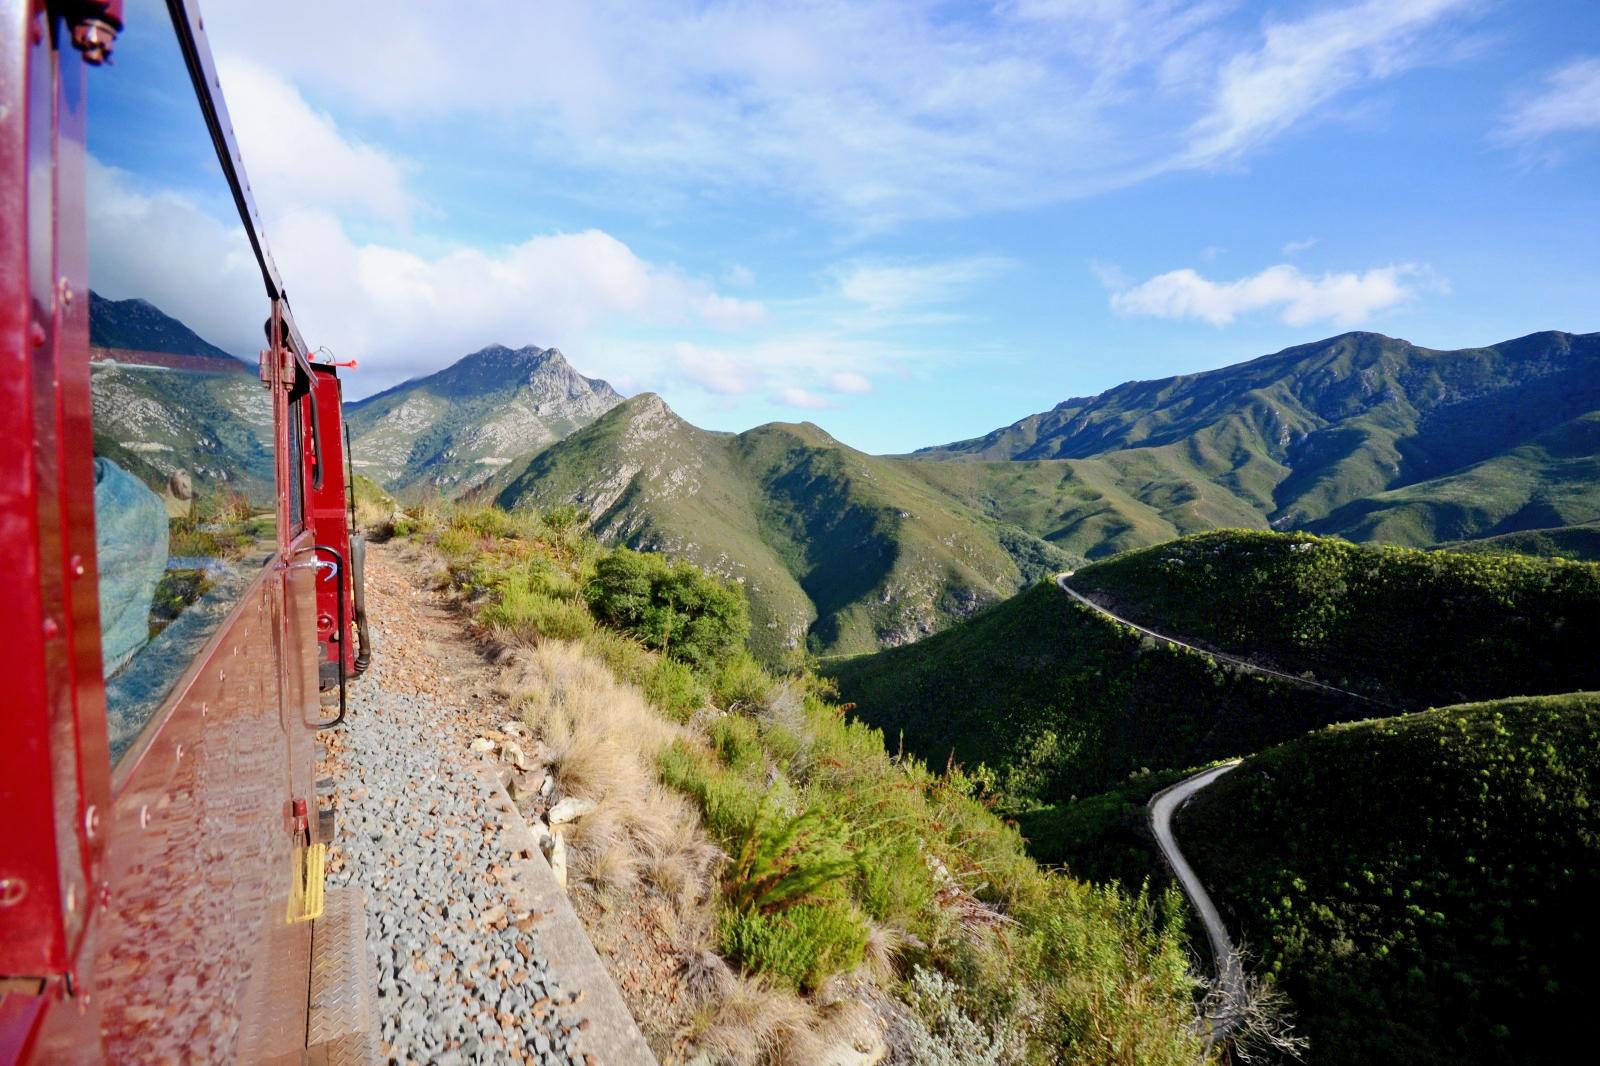 ガーデンルート 南アフリカの鉄道風景